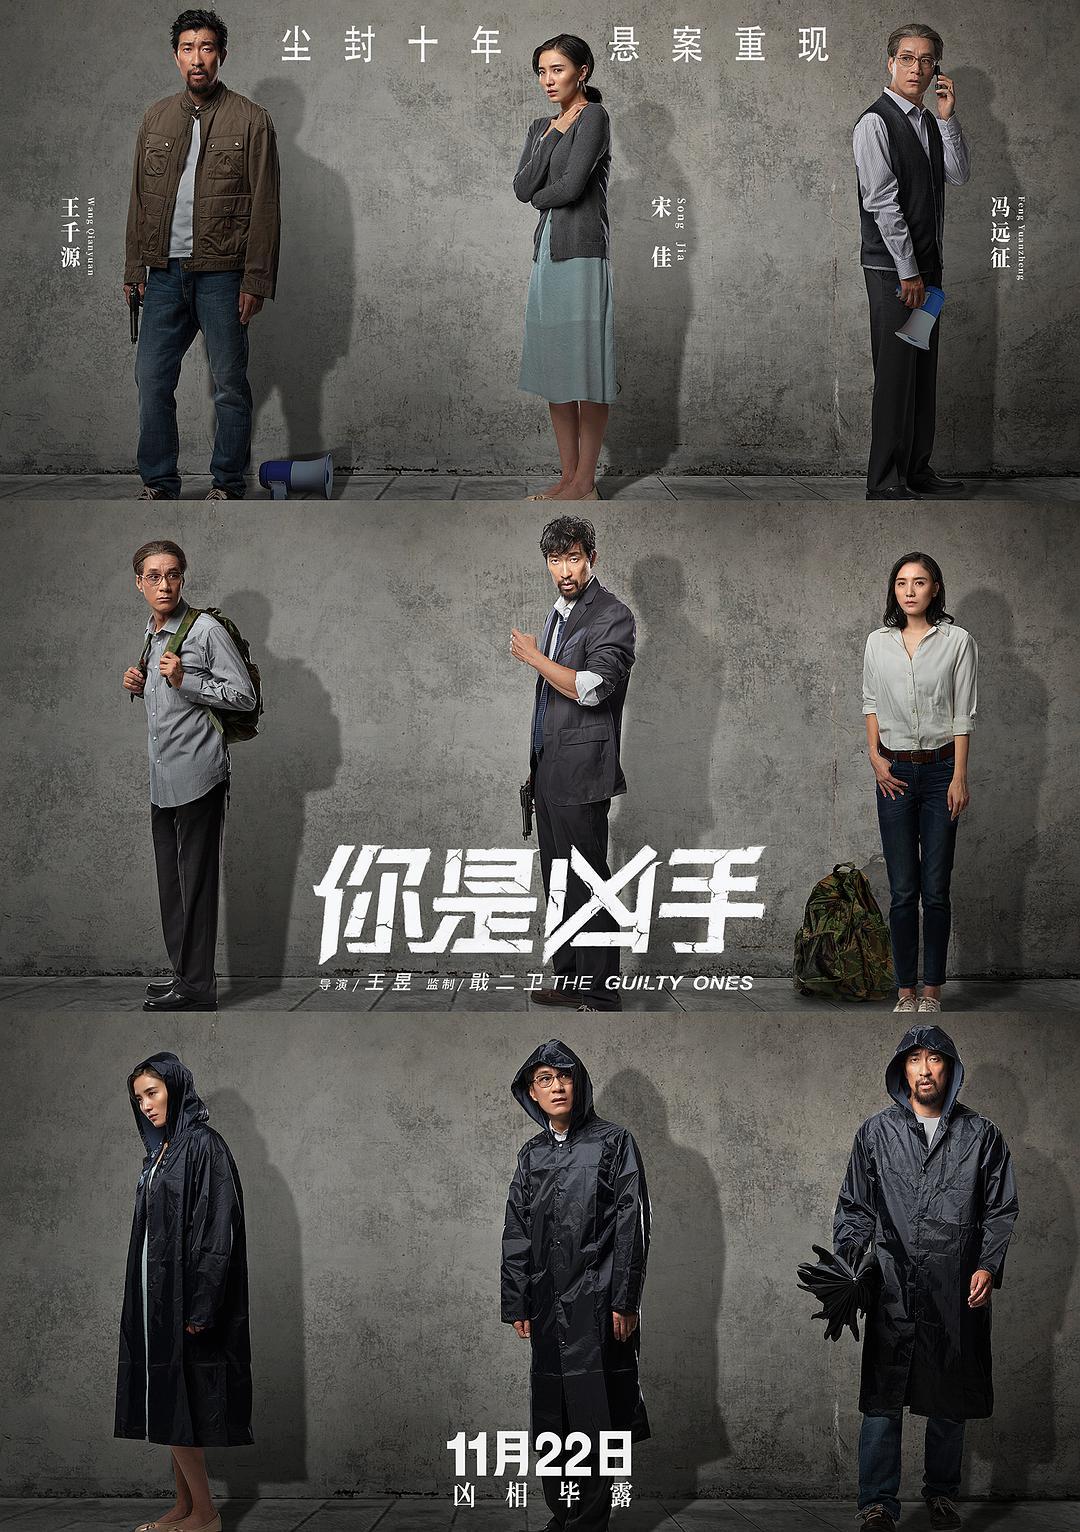 悠悠MP4_MP4电影下载_[你是凶手][WEB-MP4/9.55GB][4K-2160P][犯罪,悬疑,推理,中国大陆,翻拍,剧情]